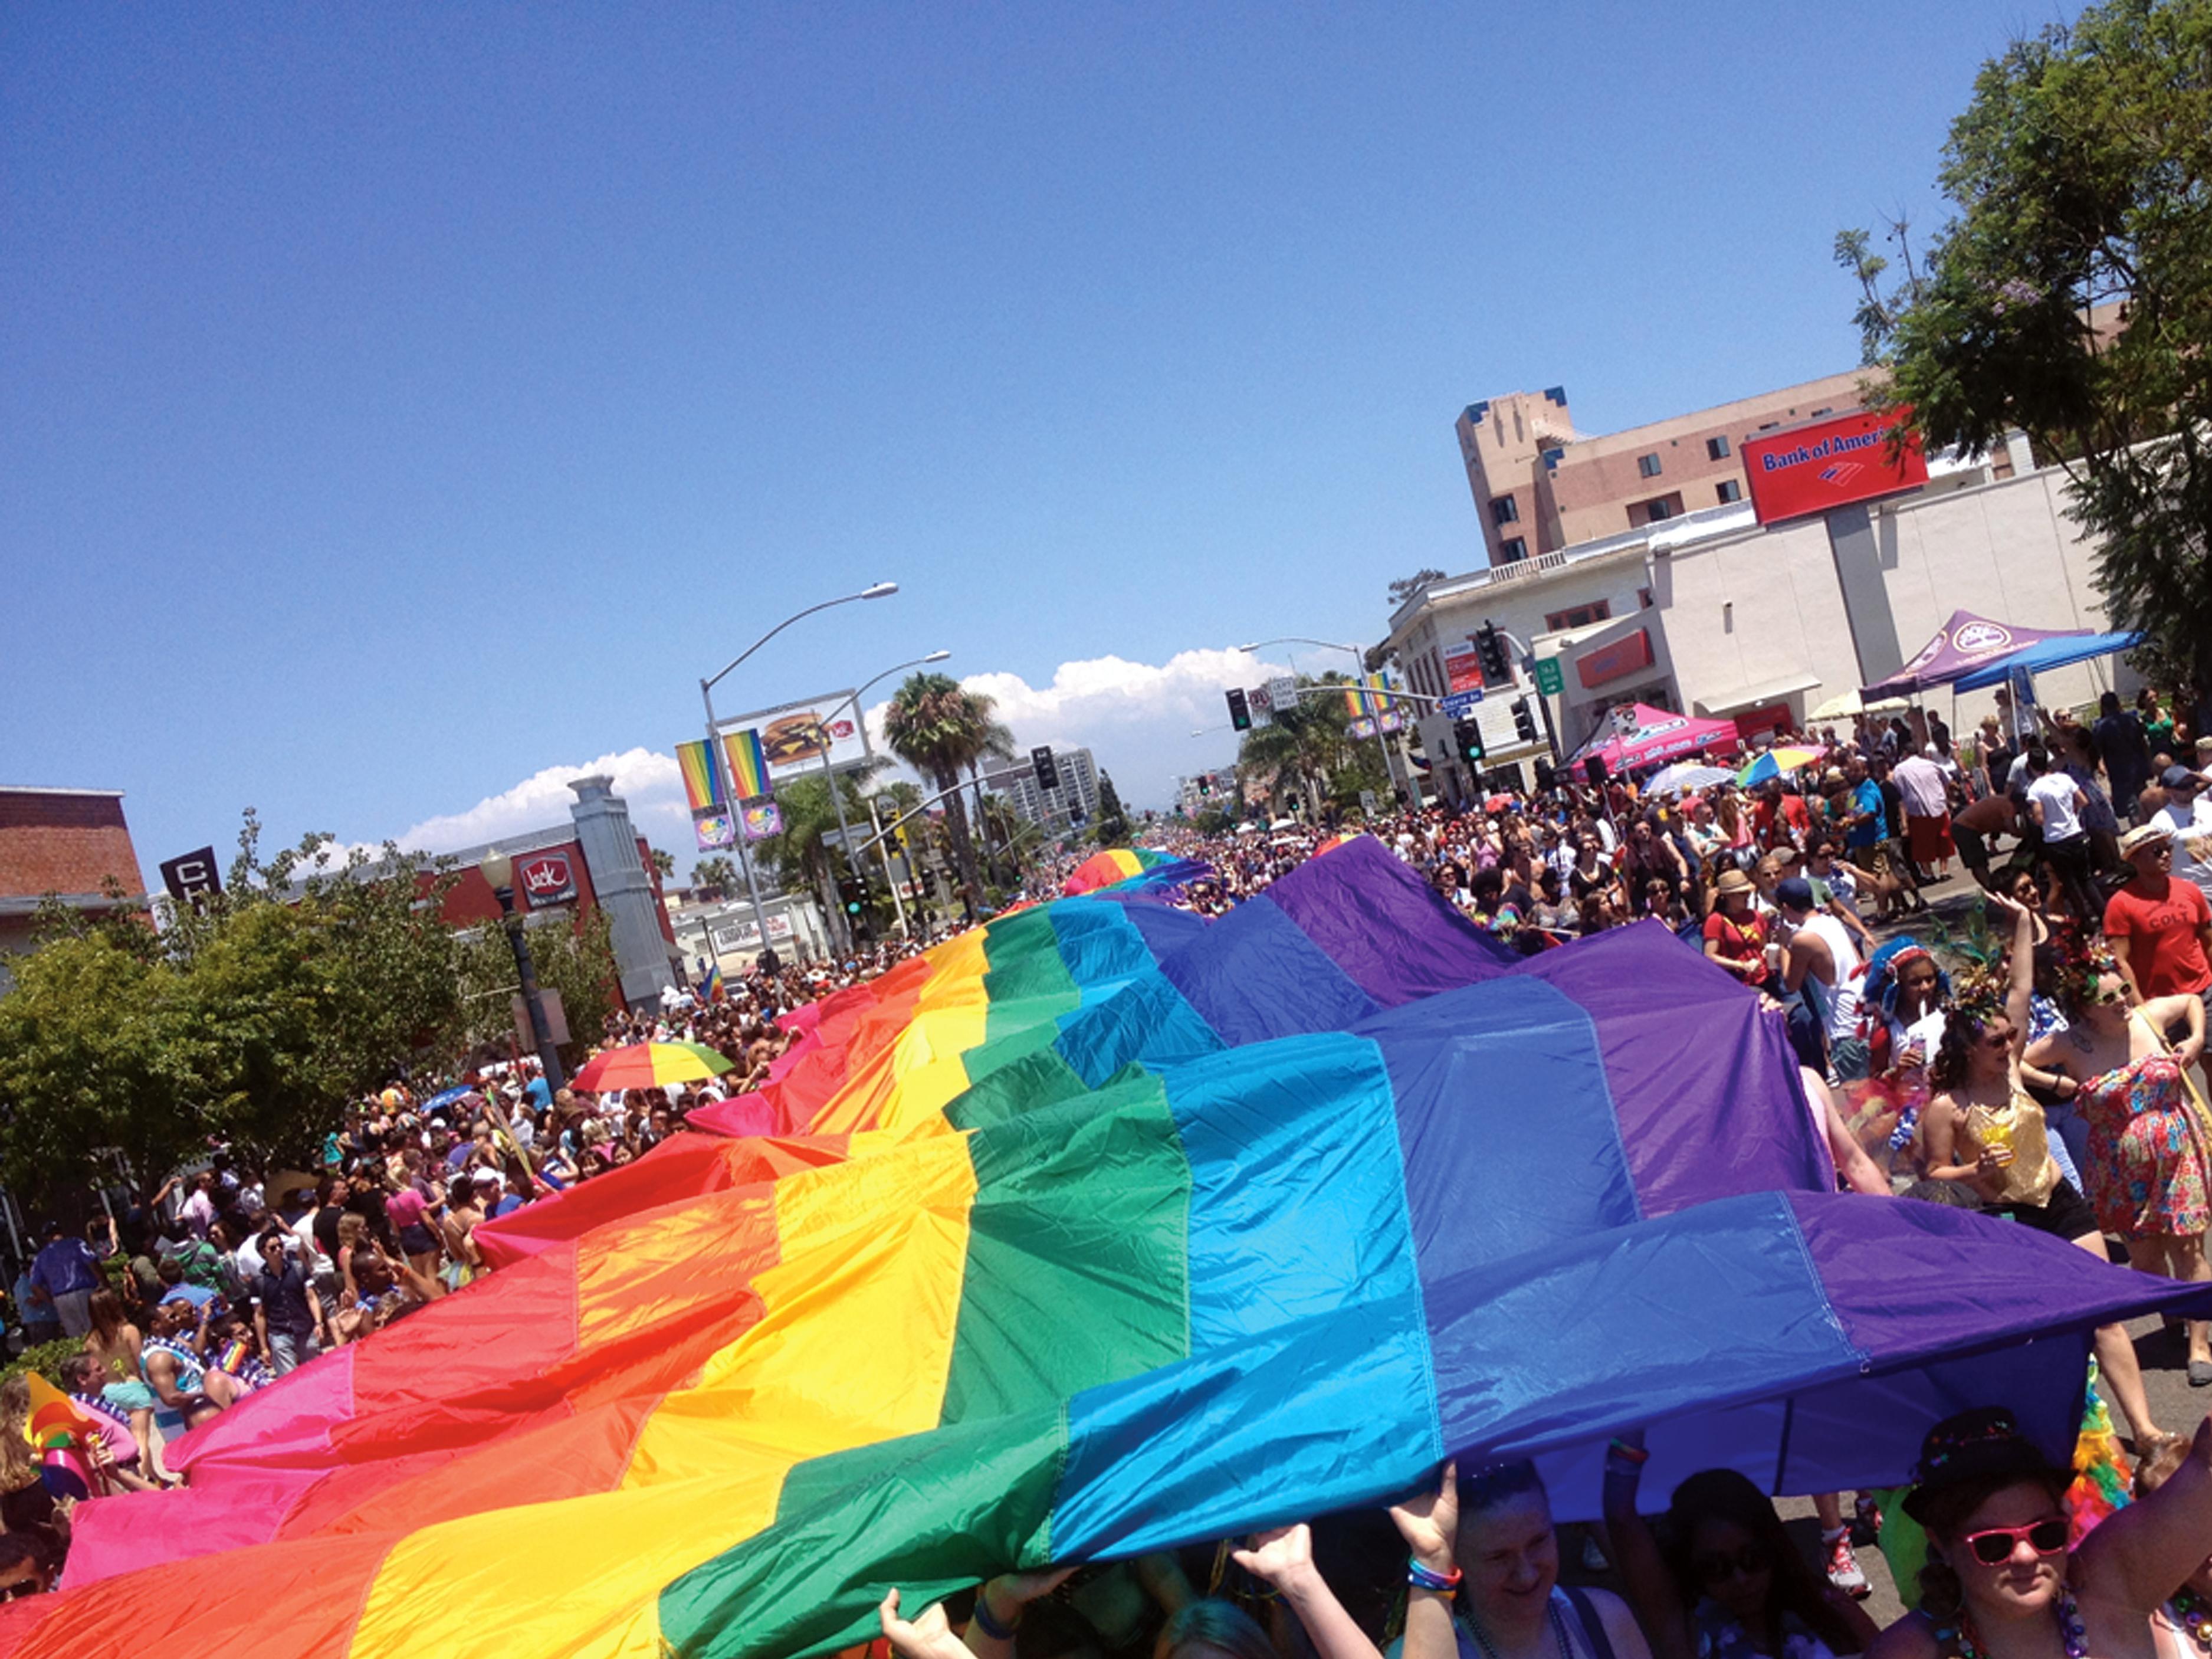 San Diego LGBT Pride Parade